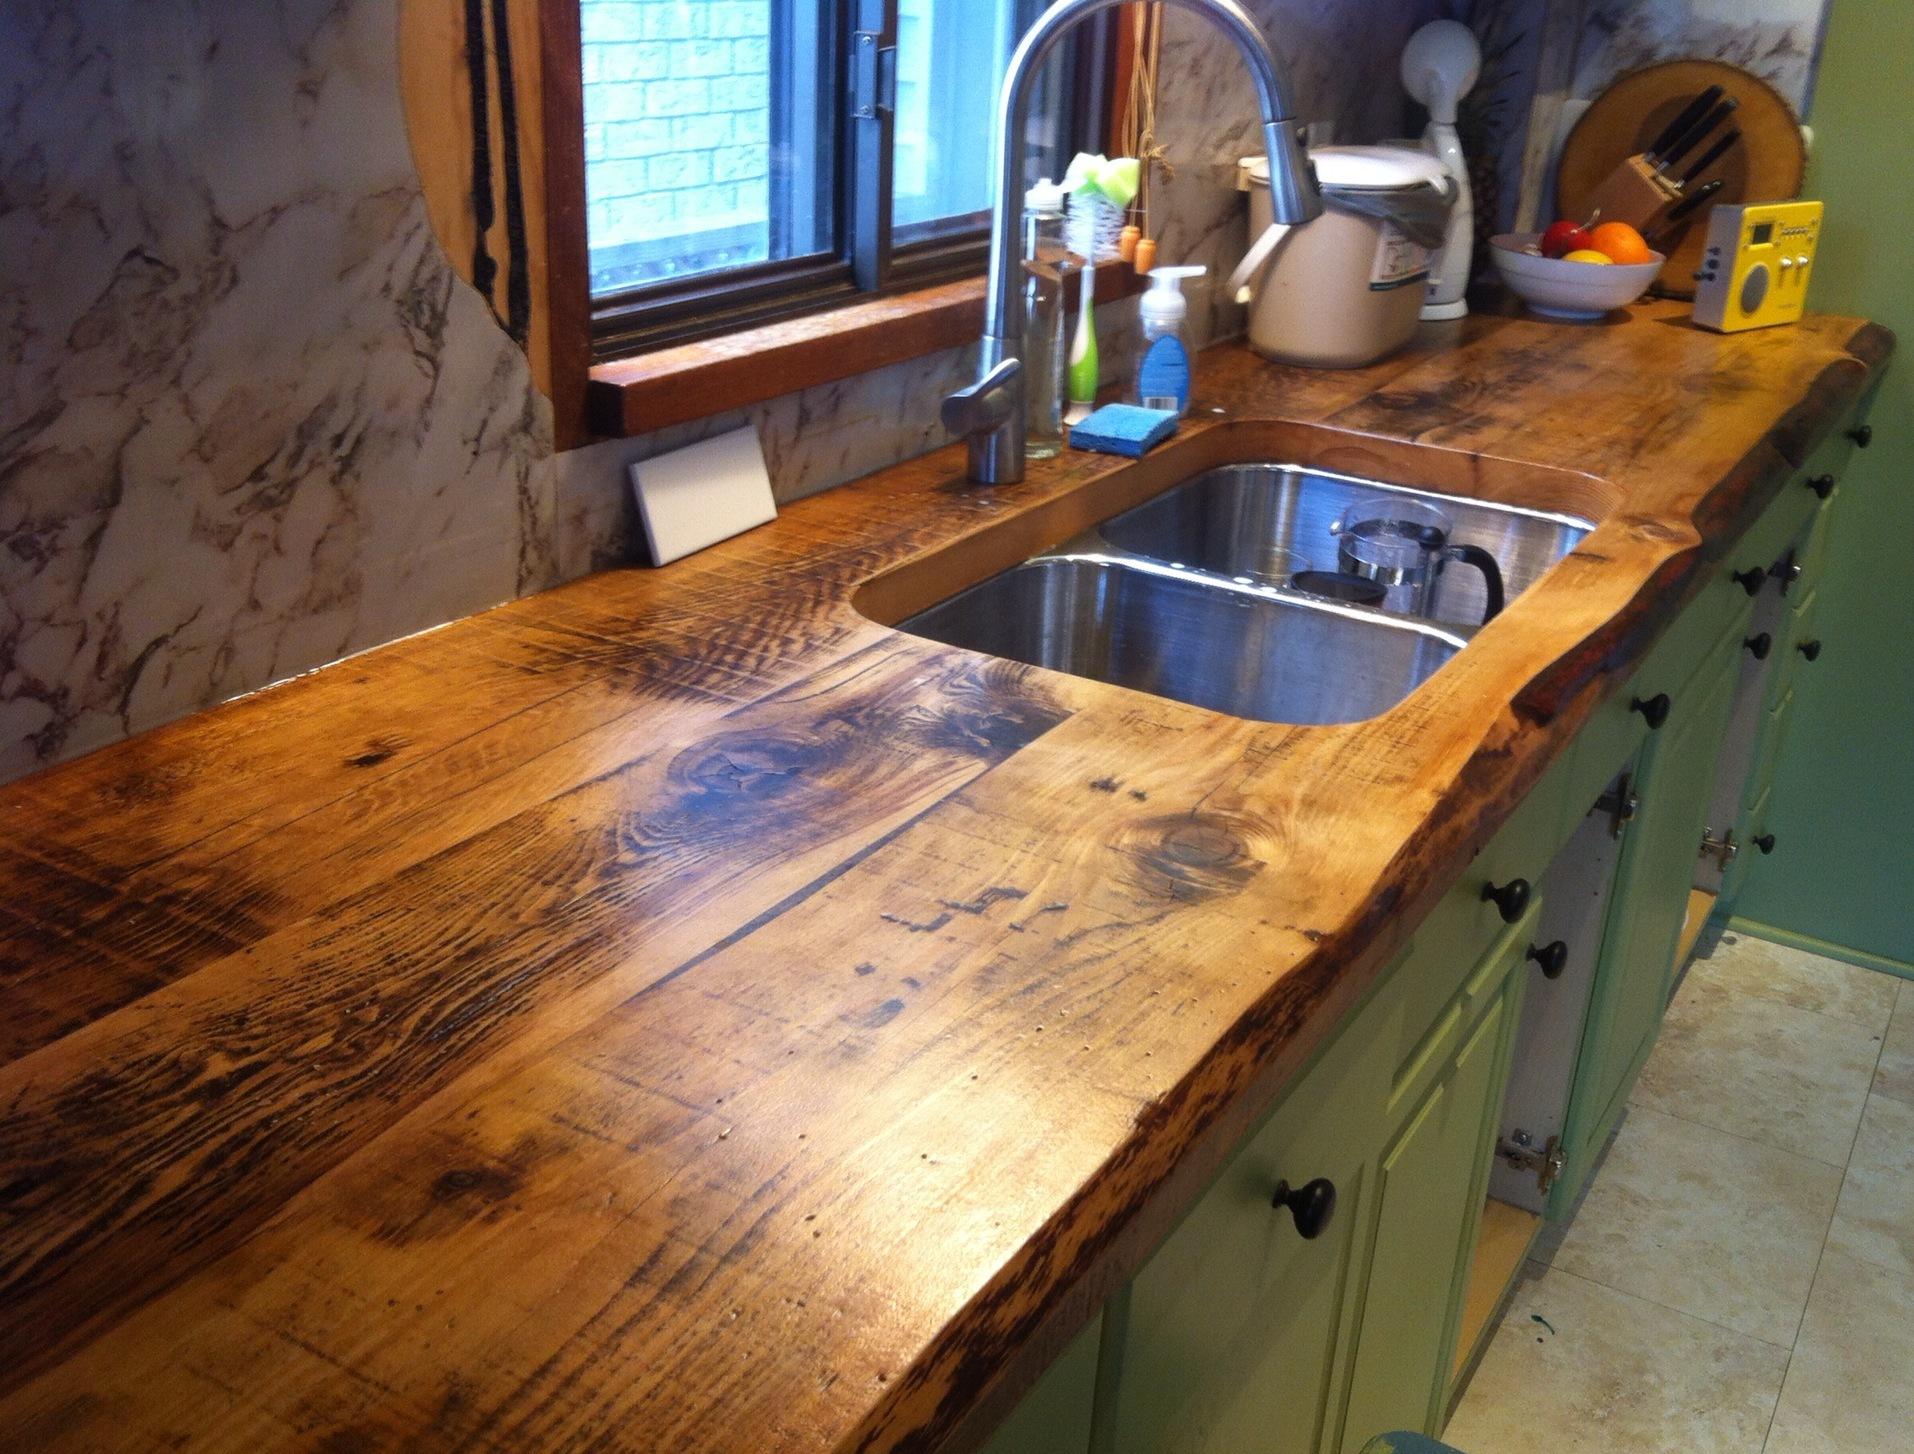 Не стоит избегать деревянных кухонных столешниц из темного дерева вокруг раковины - фото 2